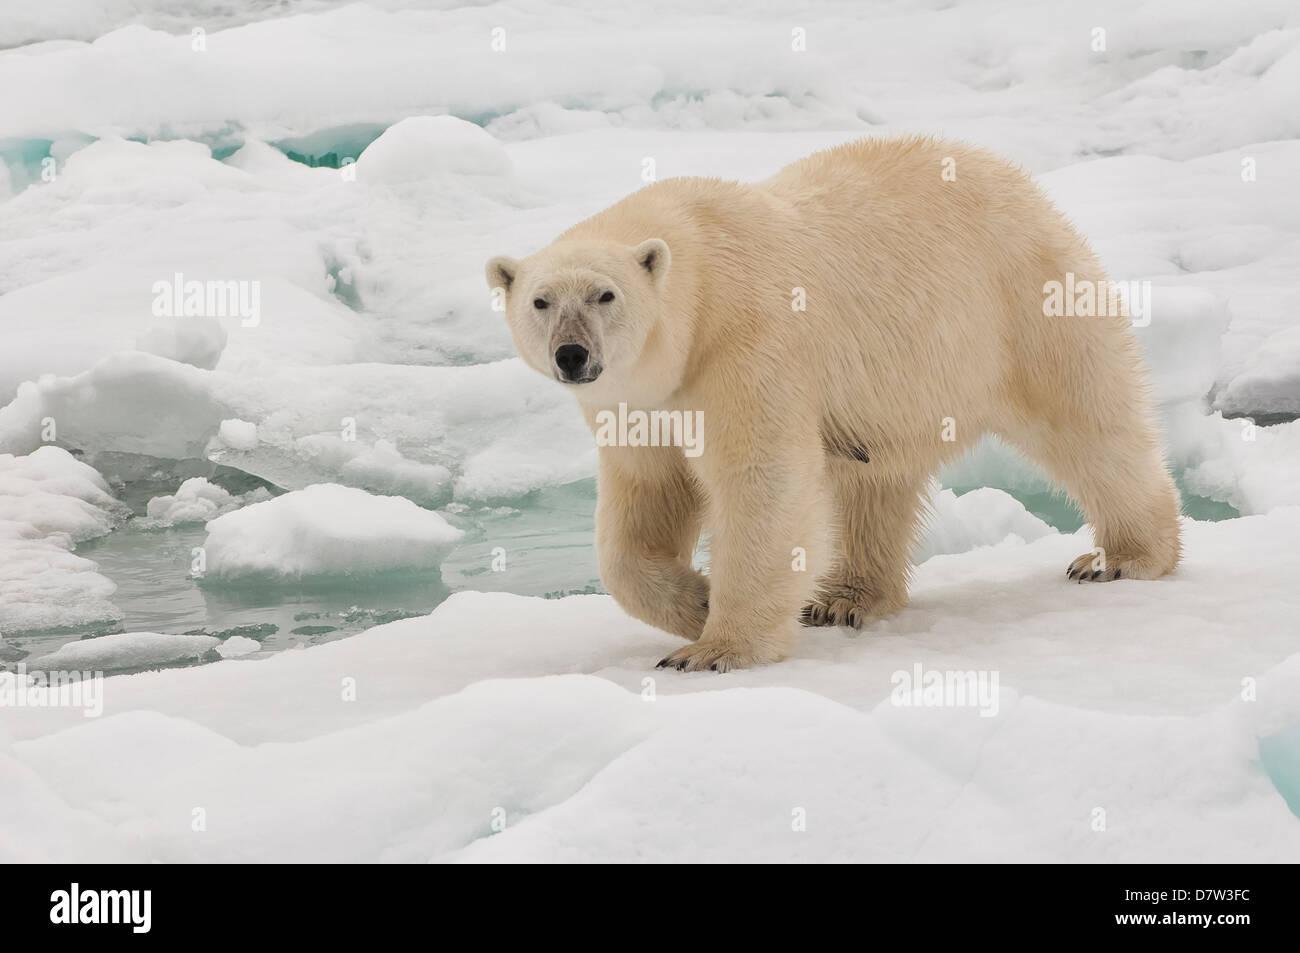 Femmina orso polare (Ursus maritimus), arcipelago delle Svalbard, il Mare di Barents, Norvegia e Scandinavia Immagini Stock